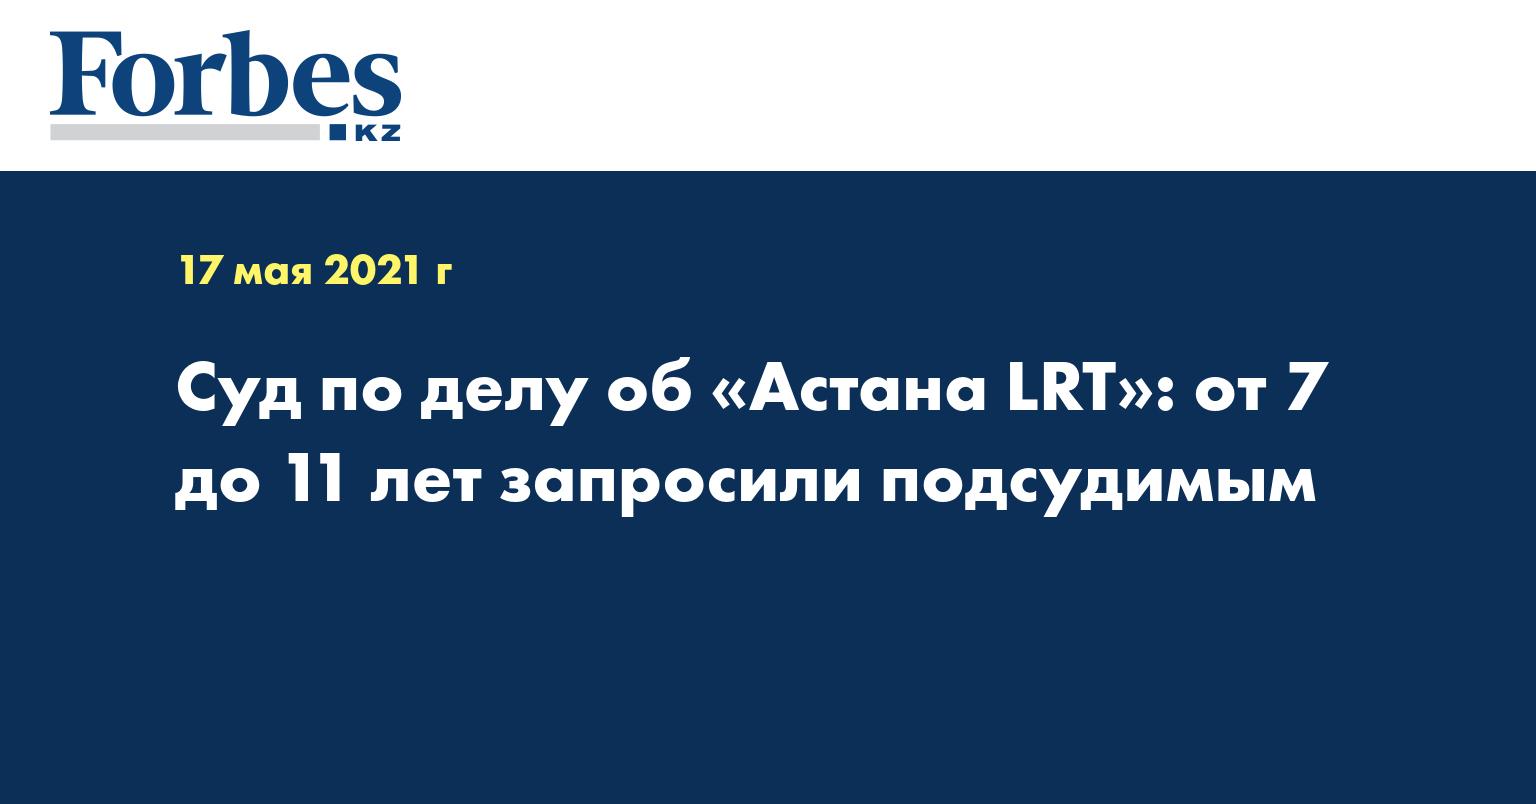 Суд по делу об «Астана LRT»: от 7 до 11 лет запросили подсудимым